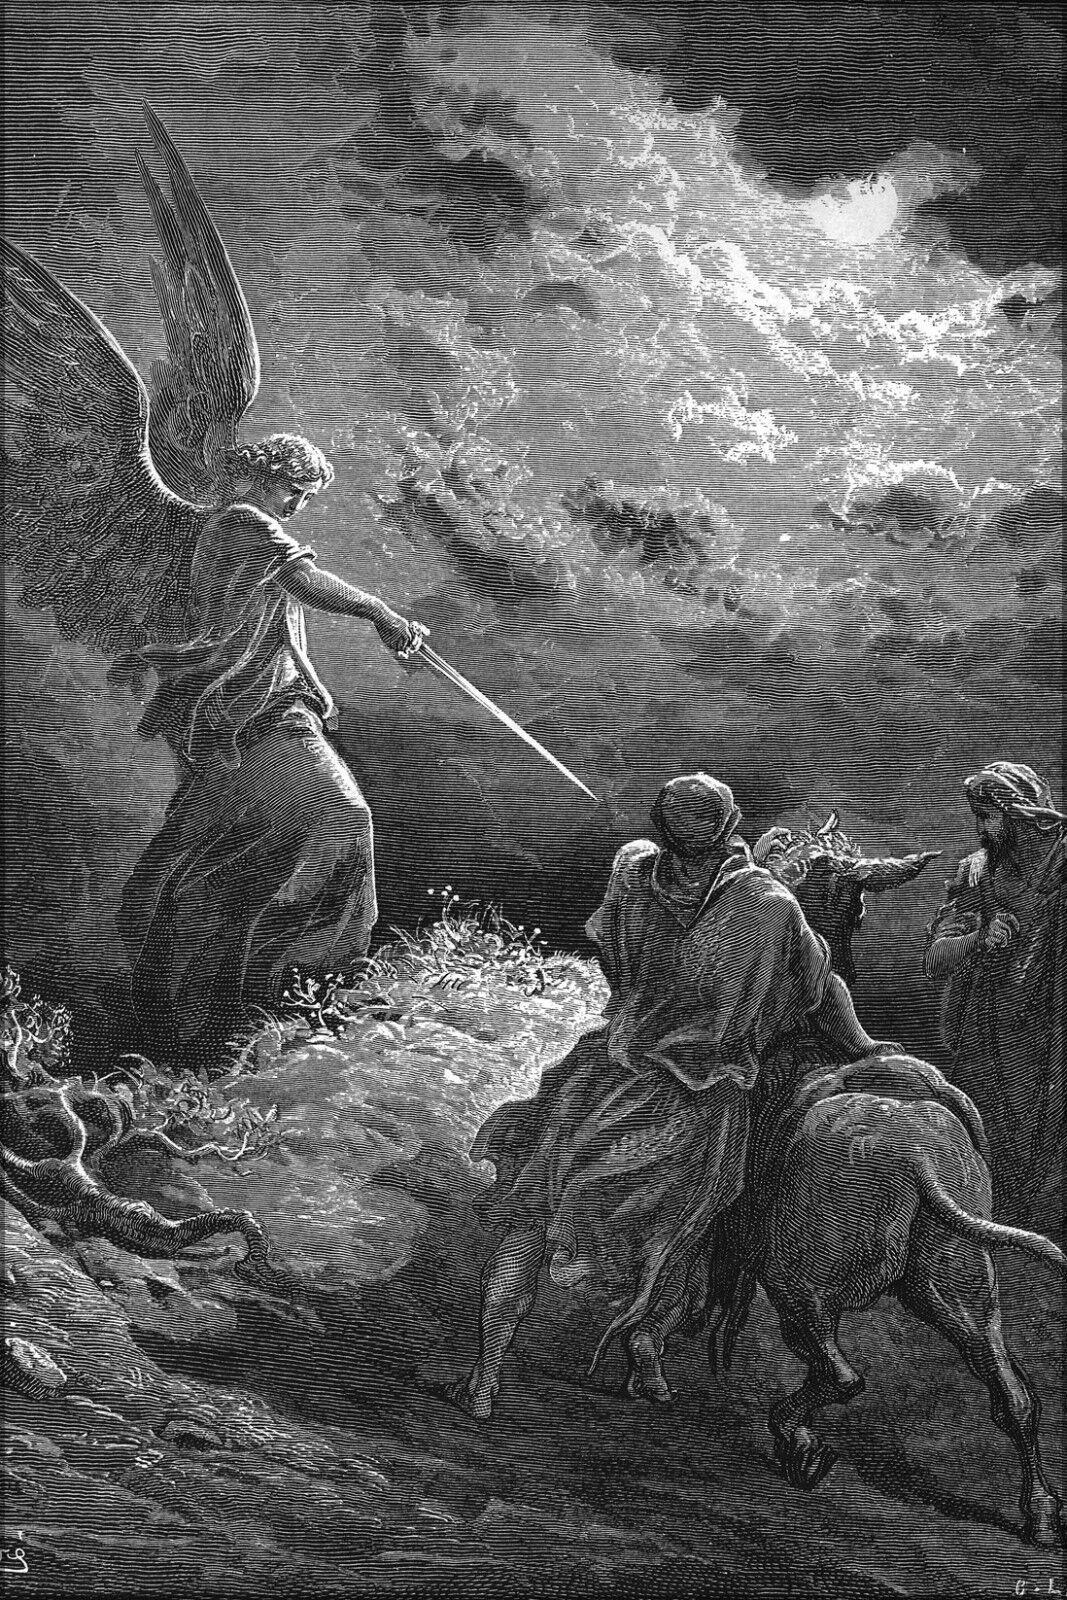 Plakat,Viele Größen; an Angel Erscheint zu Balaam von Gustave Dore Englisch